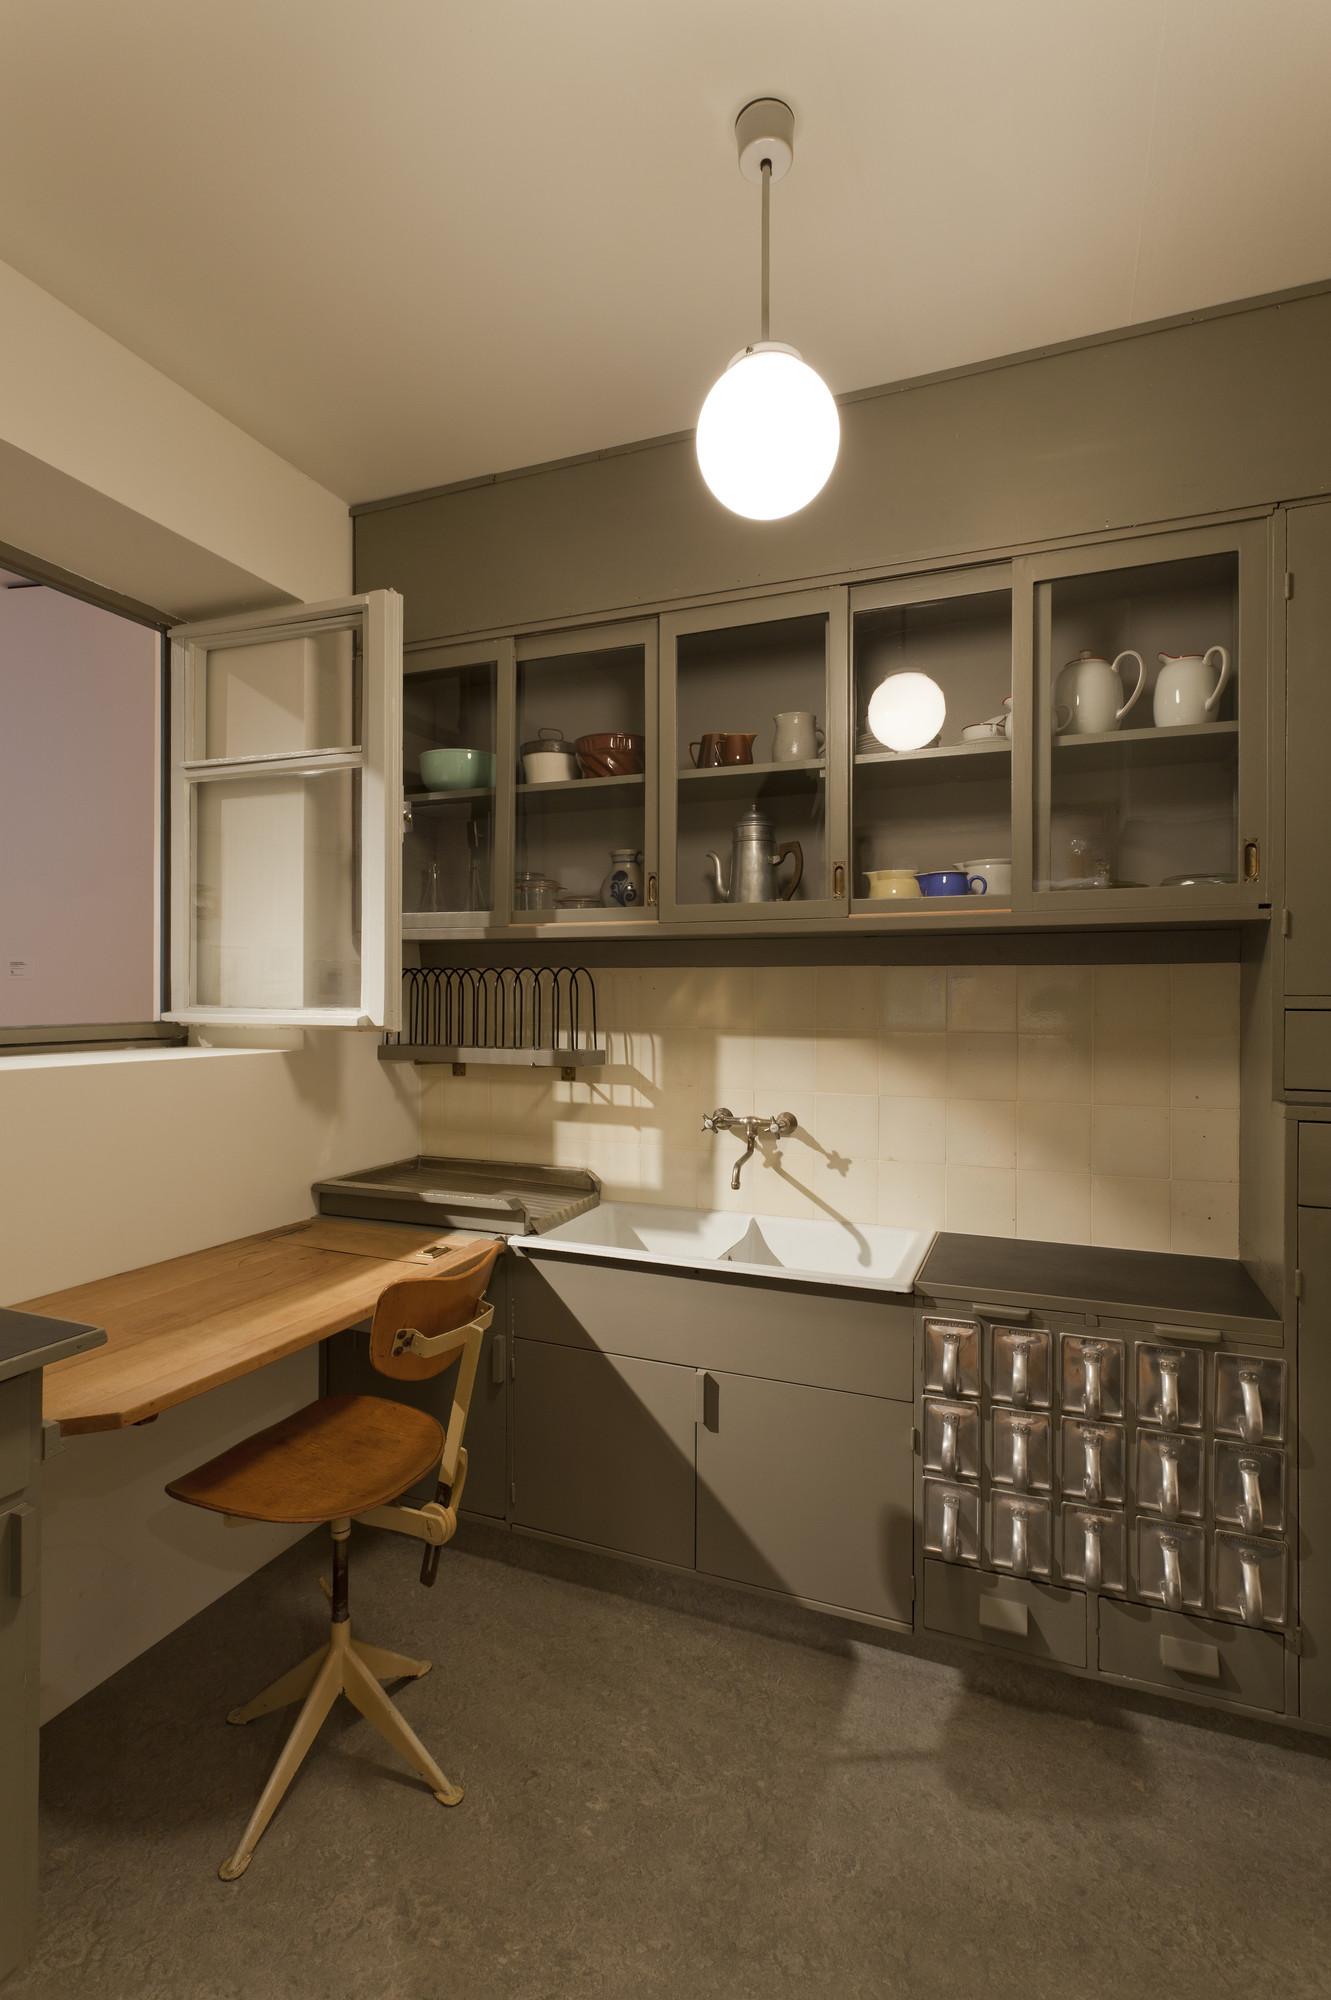 Linoleum Frankfurt grete lihotzky frankfurt kitchen from the ginnheim höhenblick